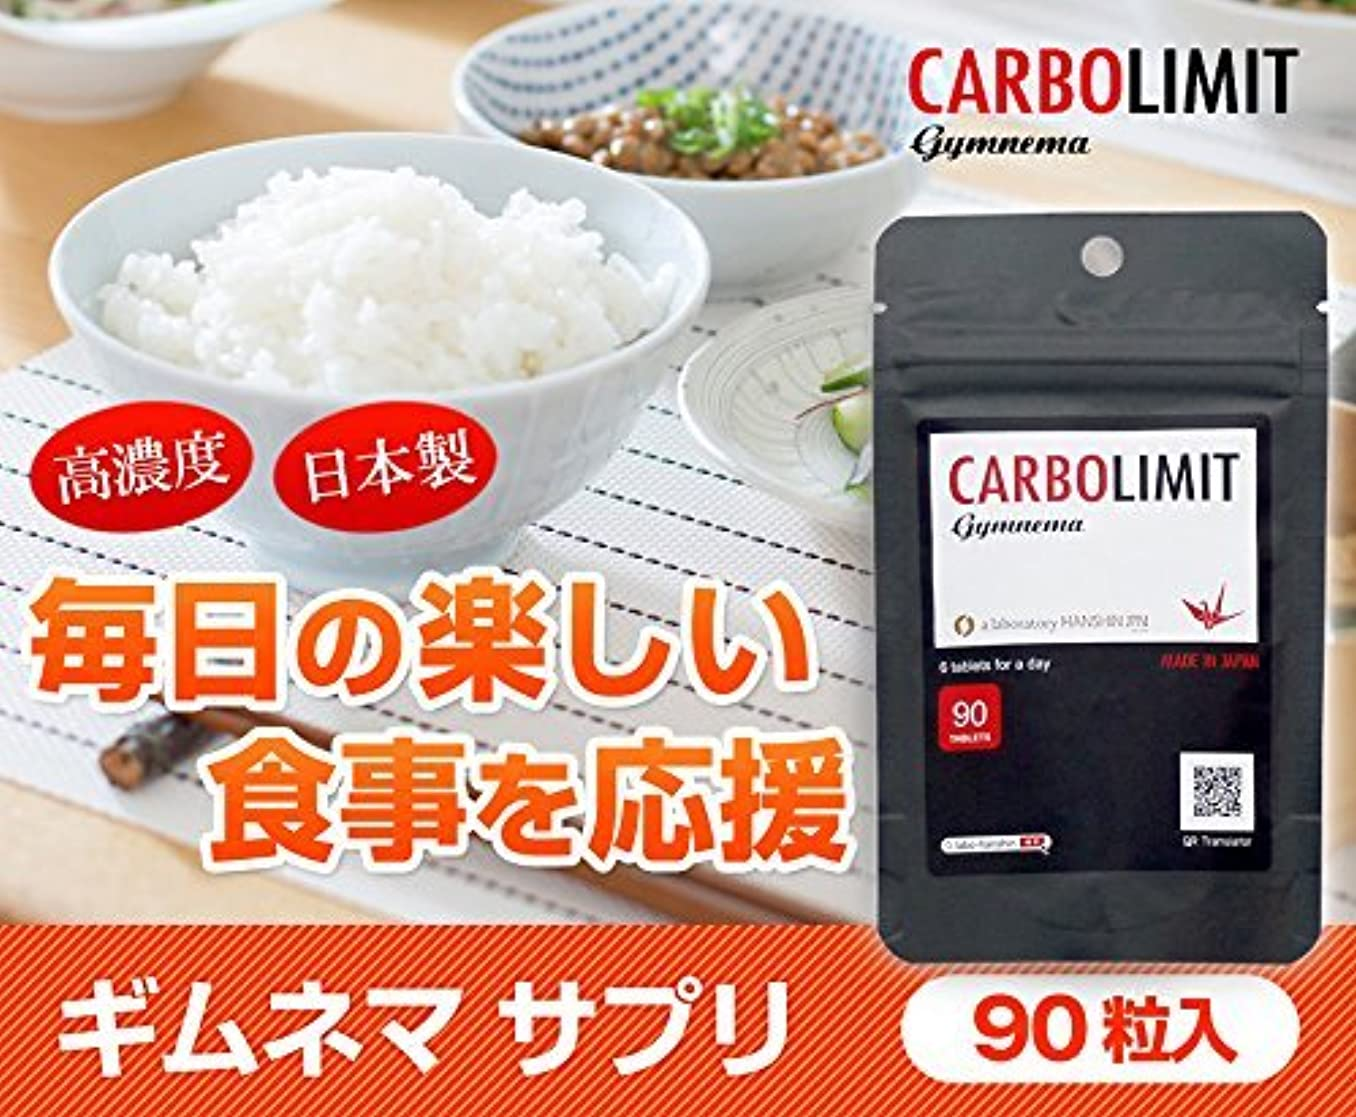 作家スタイルいつか糖質制限 ギムネマ サプリ CARBO LIMIT 日本製 高濃度 3倍濃縮 ギムネマシルベスタ 配合 90粒 約30日分 なかったことに